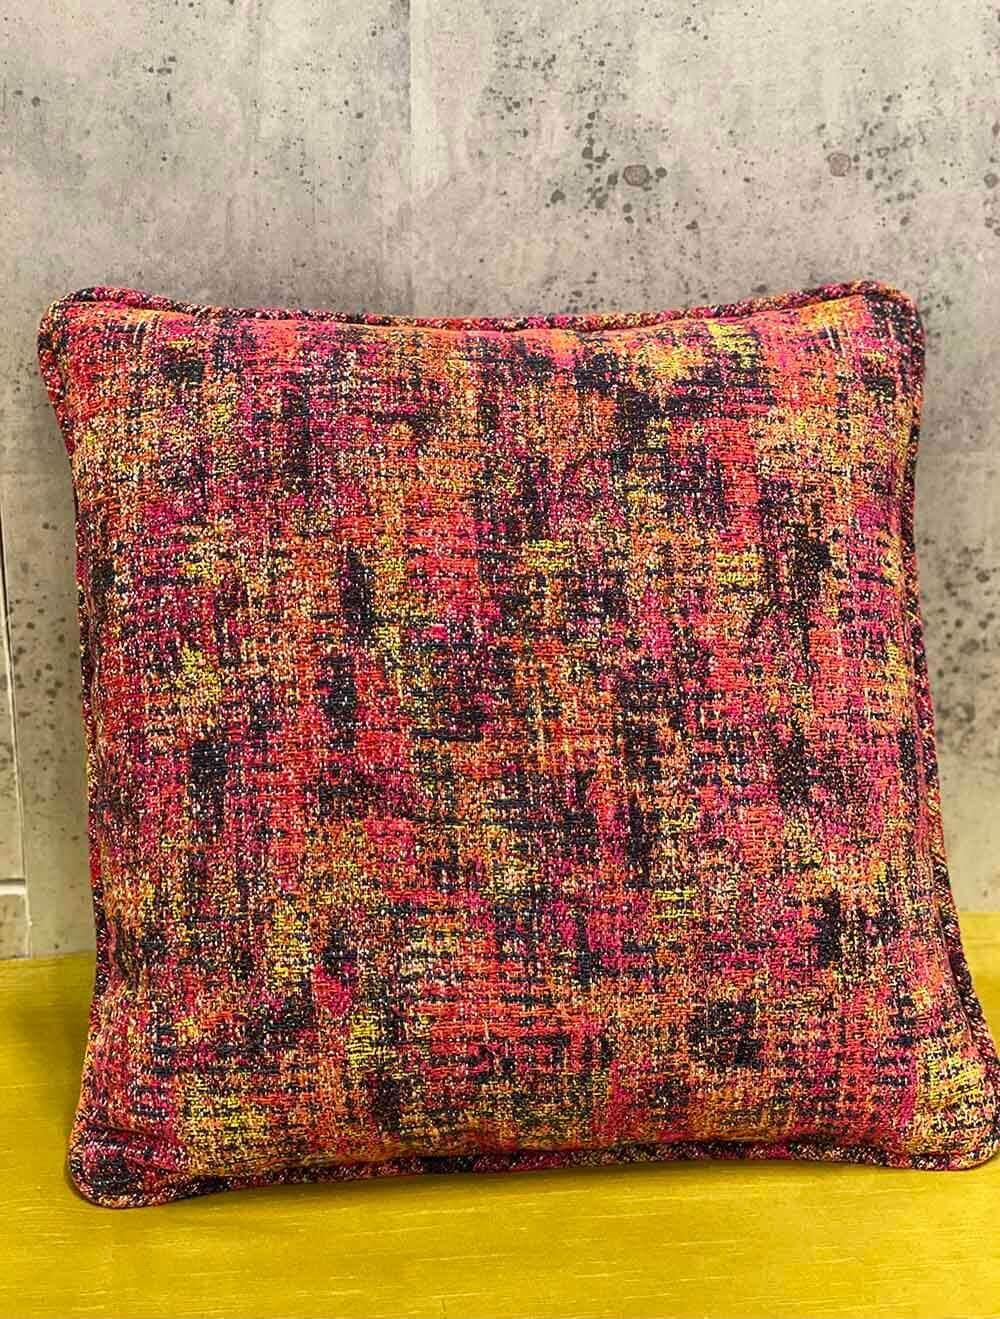 Jacquard Pillows